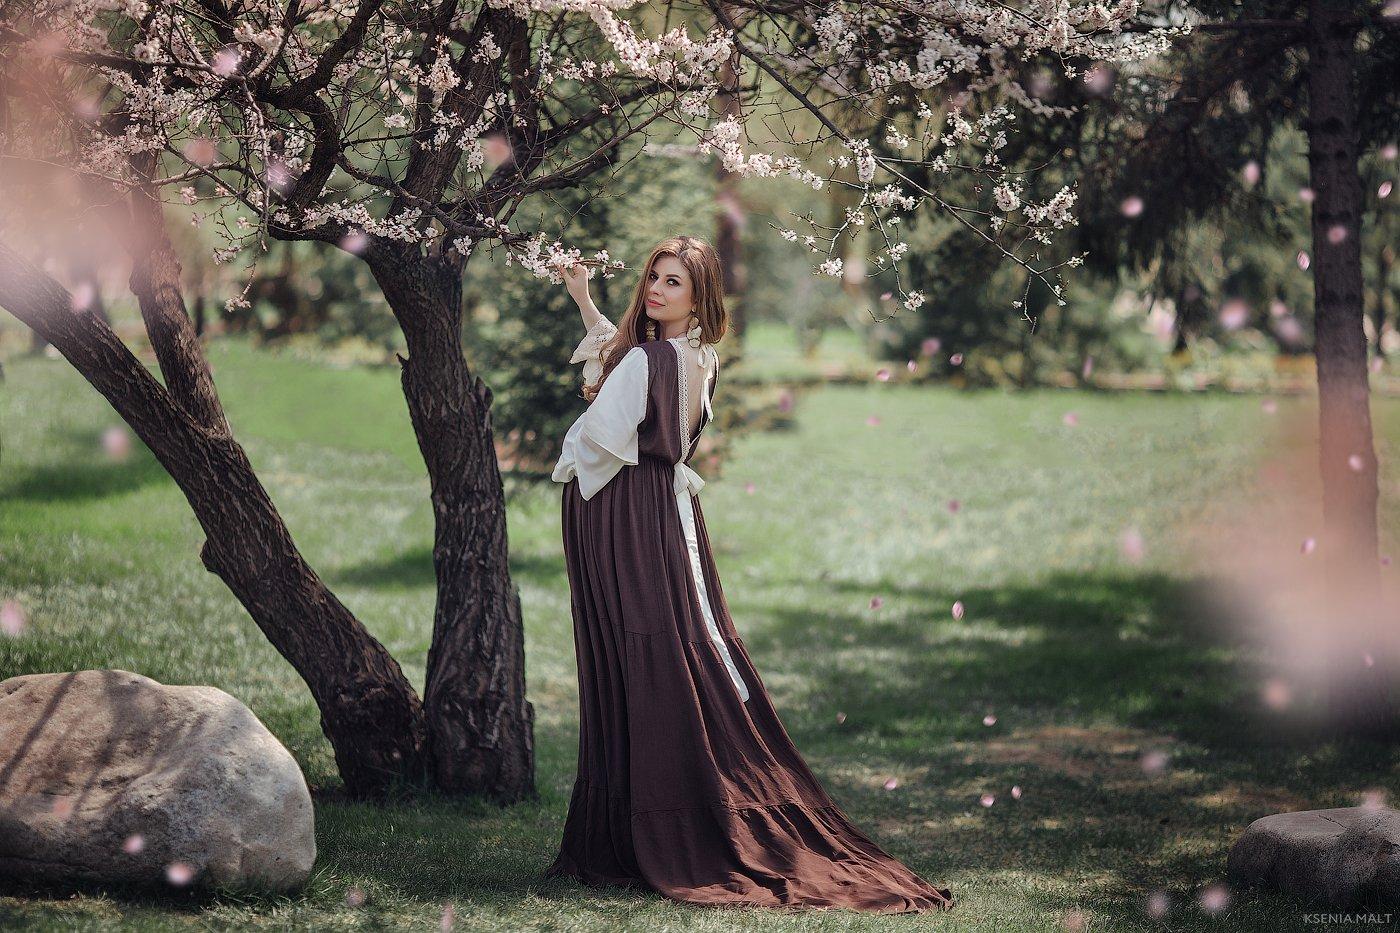 , Ksenia Malt